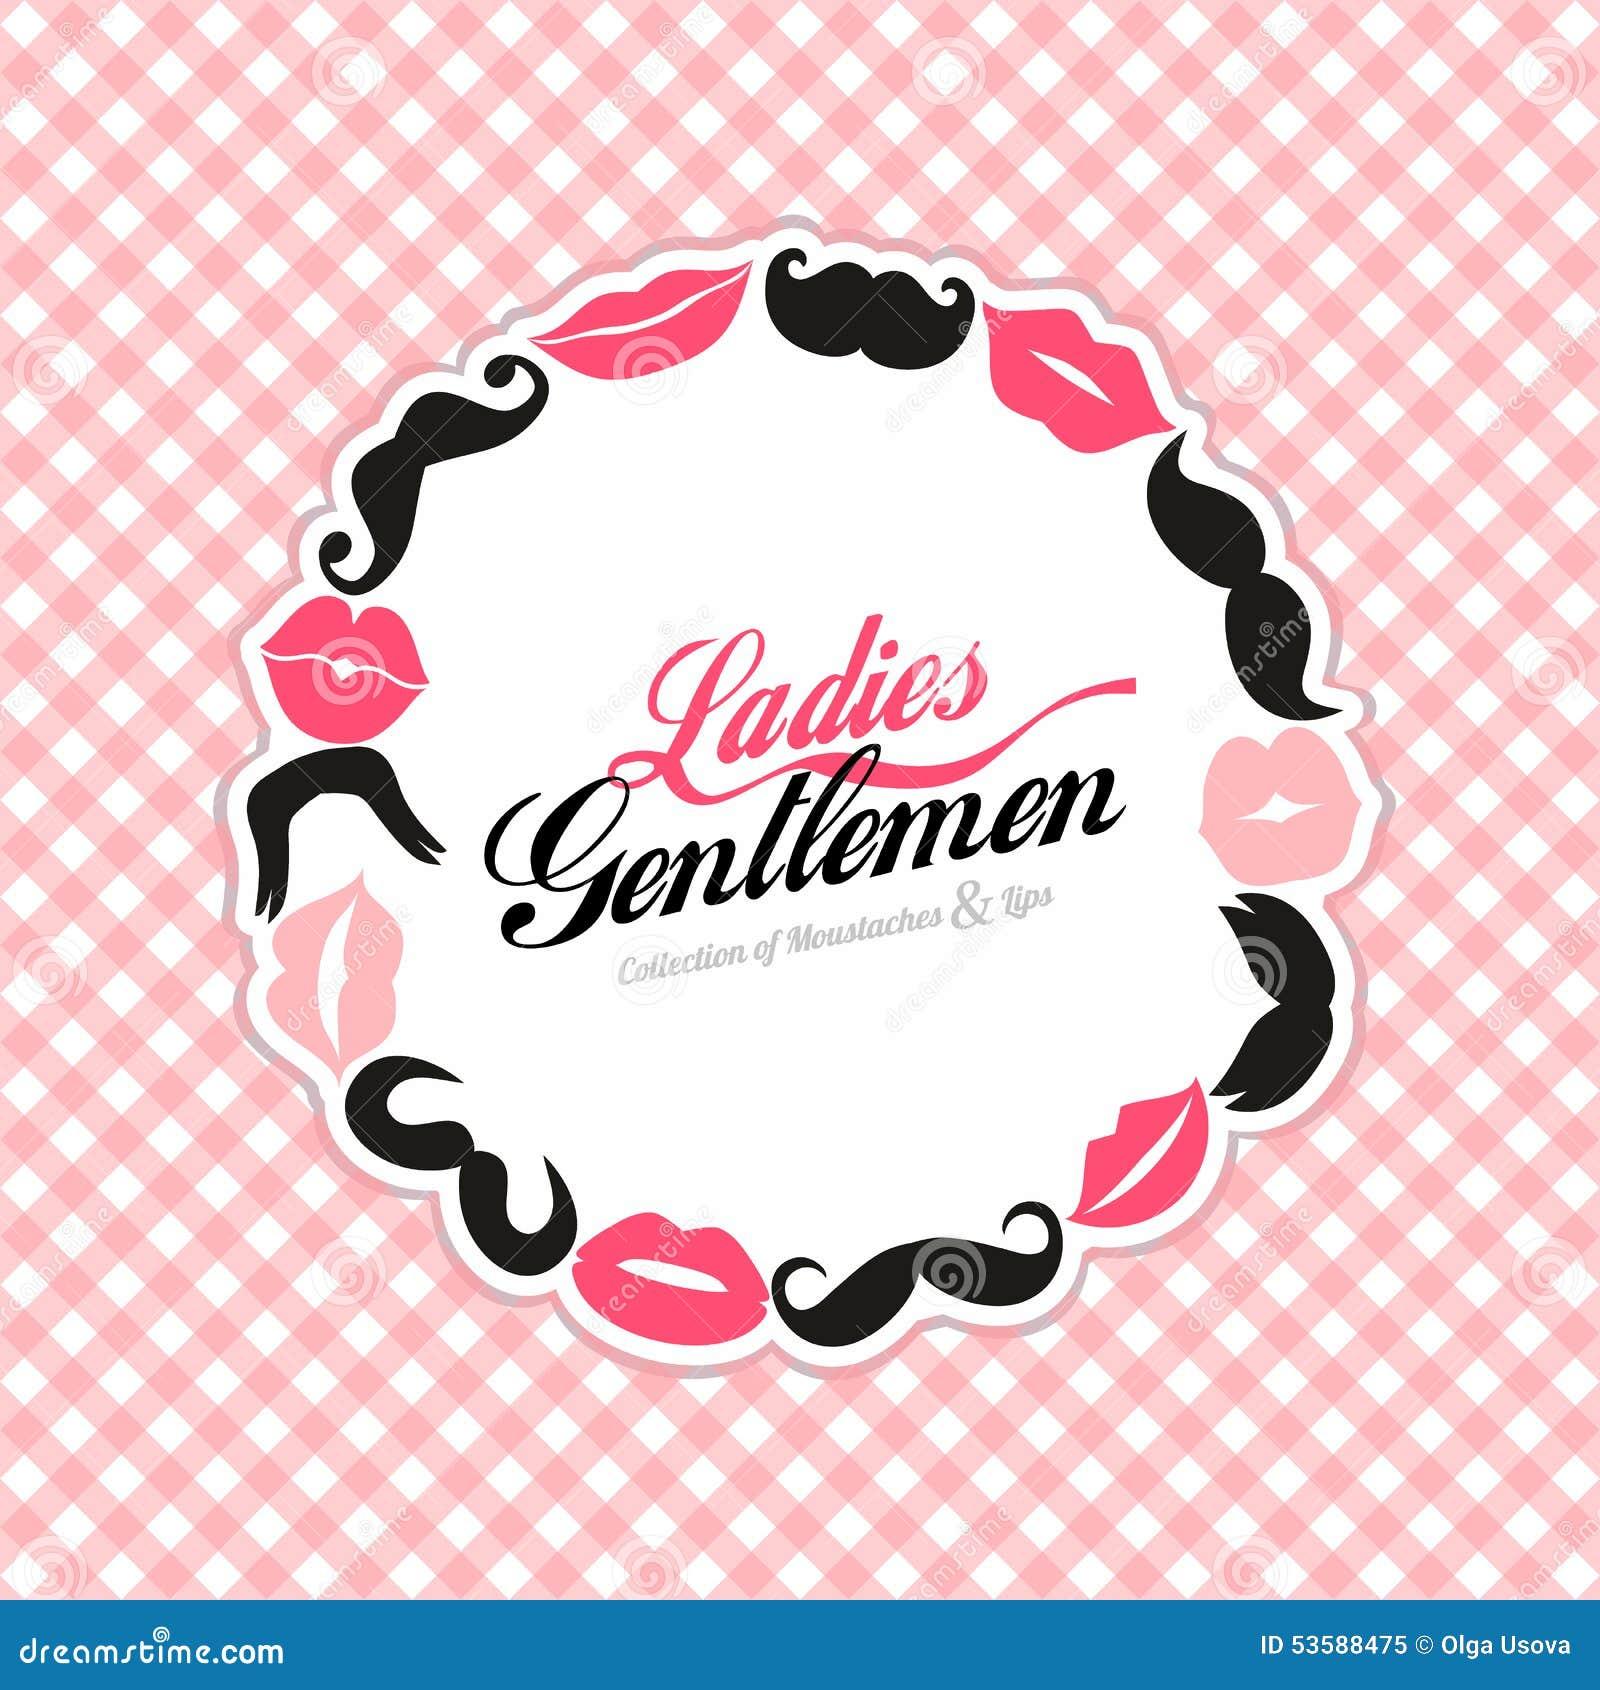 Ladies and gentelmen